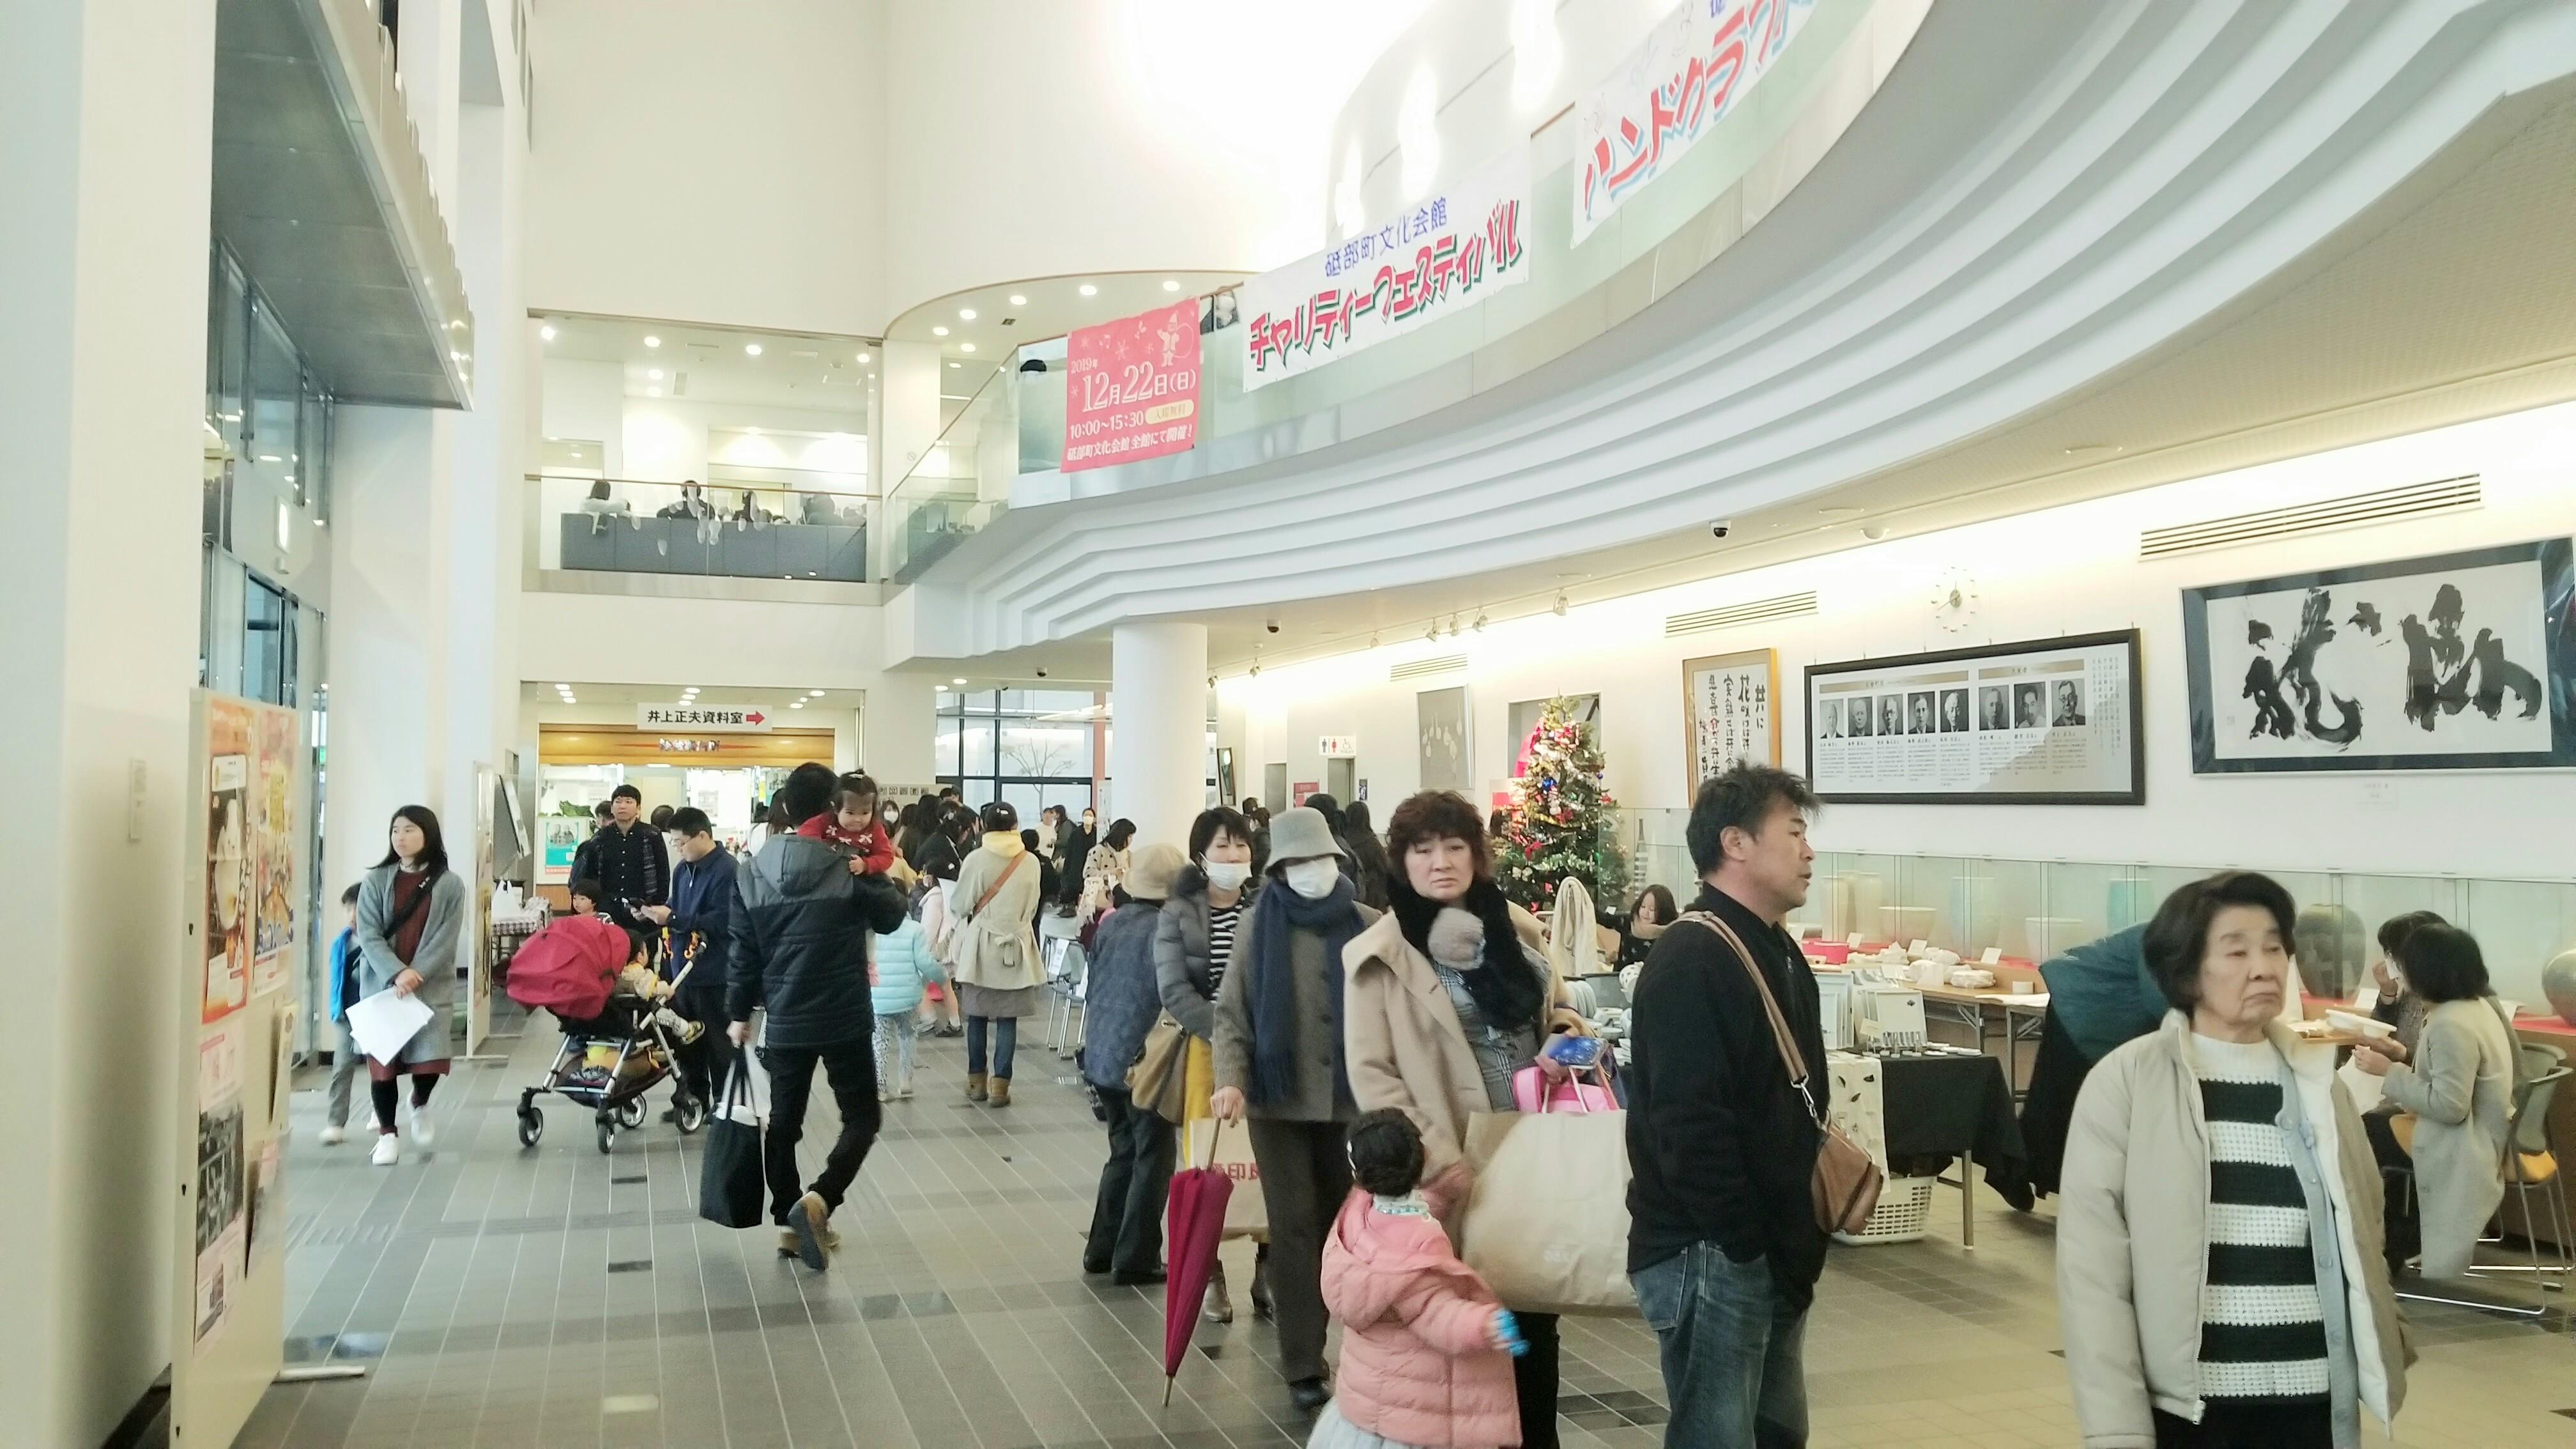 愛媛県四国人気おすすめイベント催し物砥部楽しかったハンドメイド